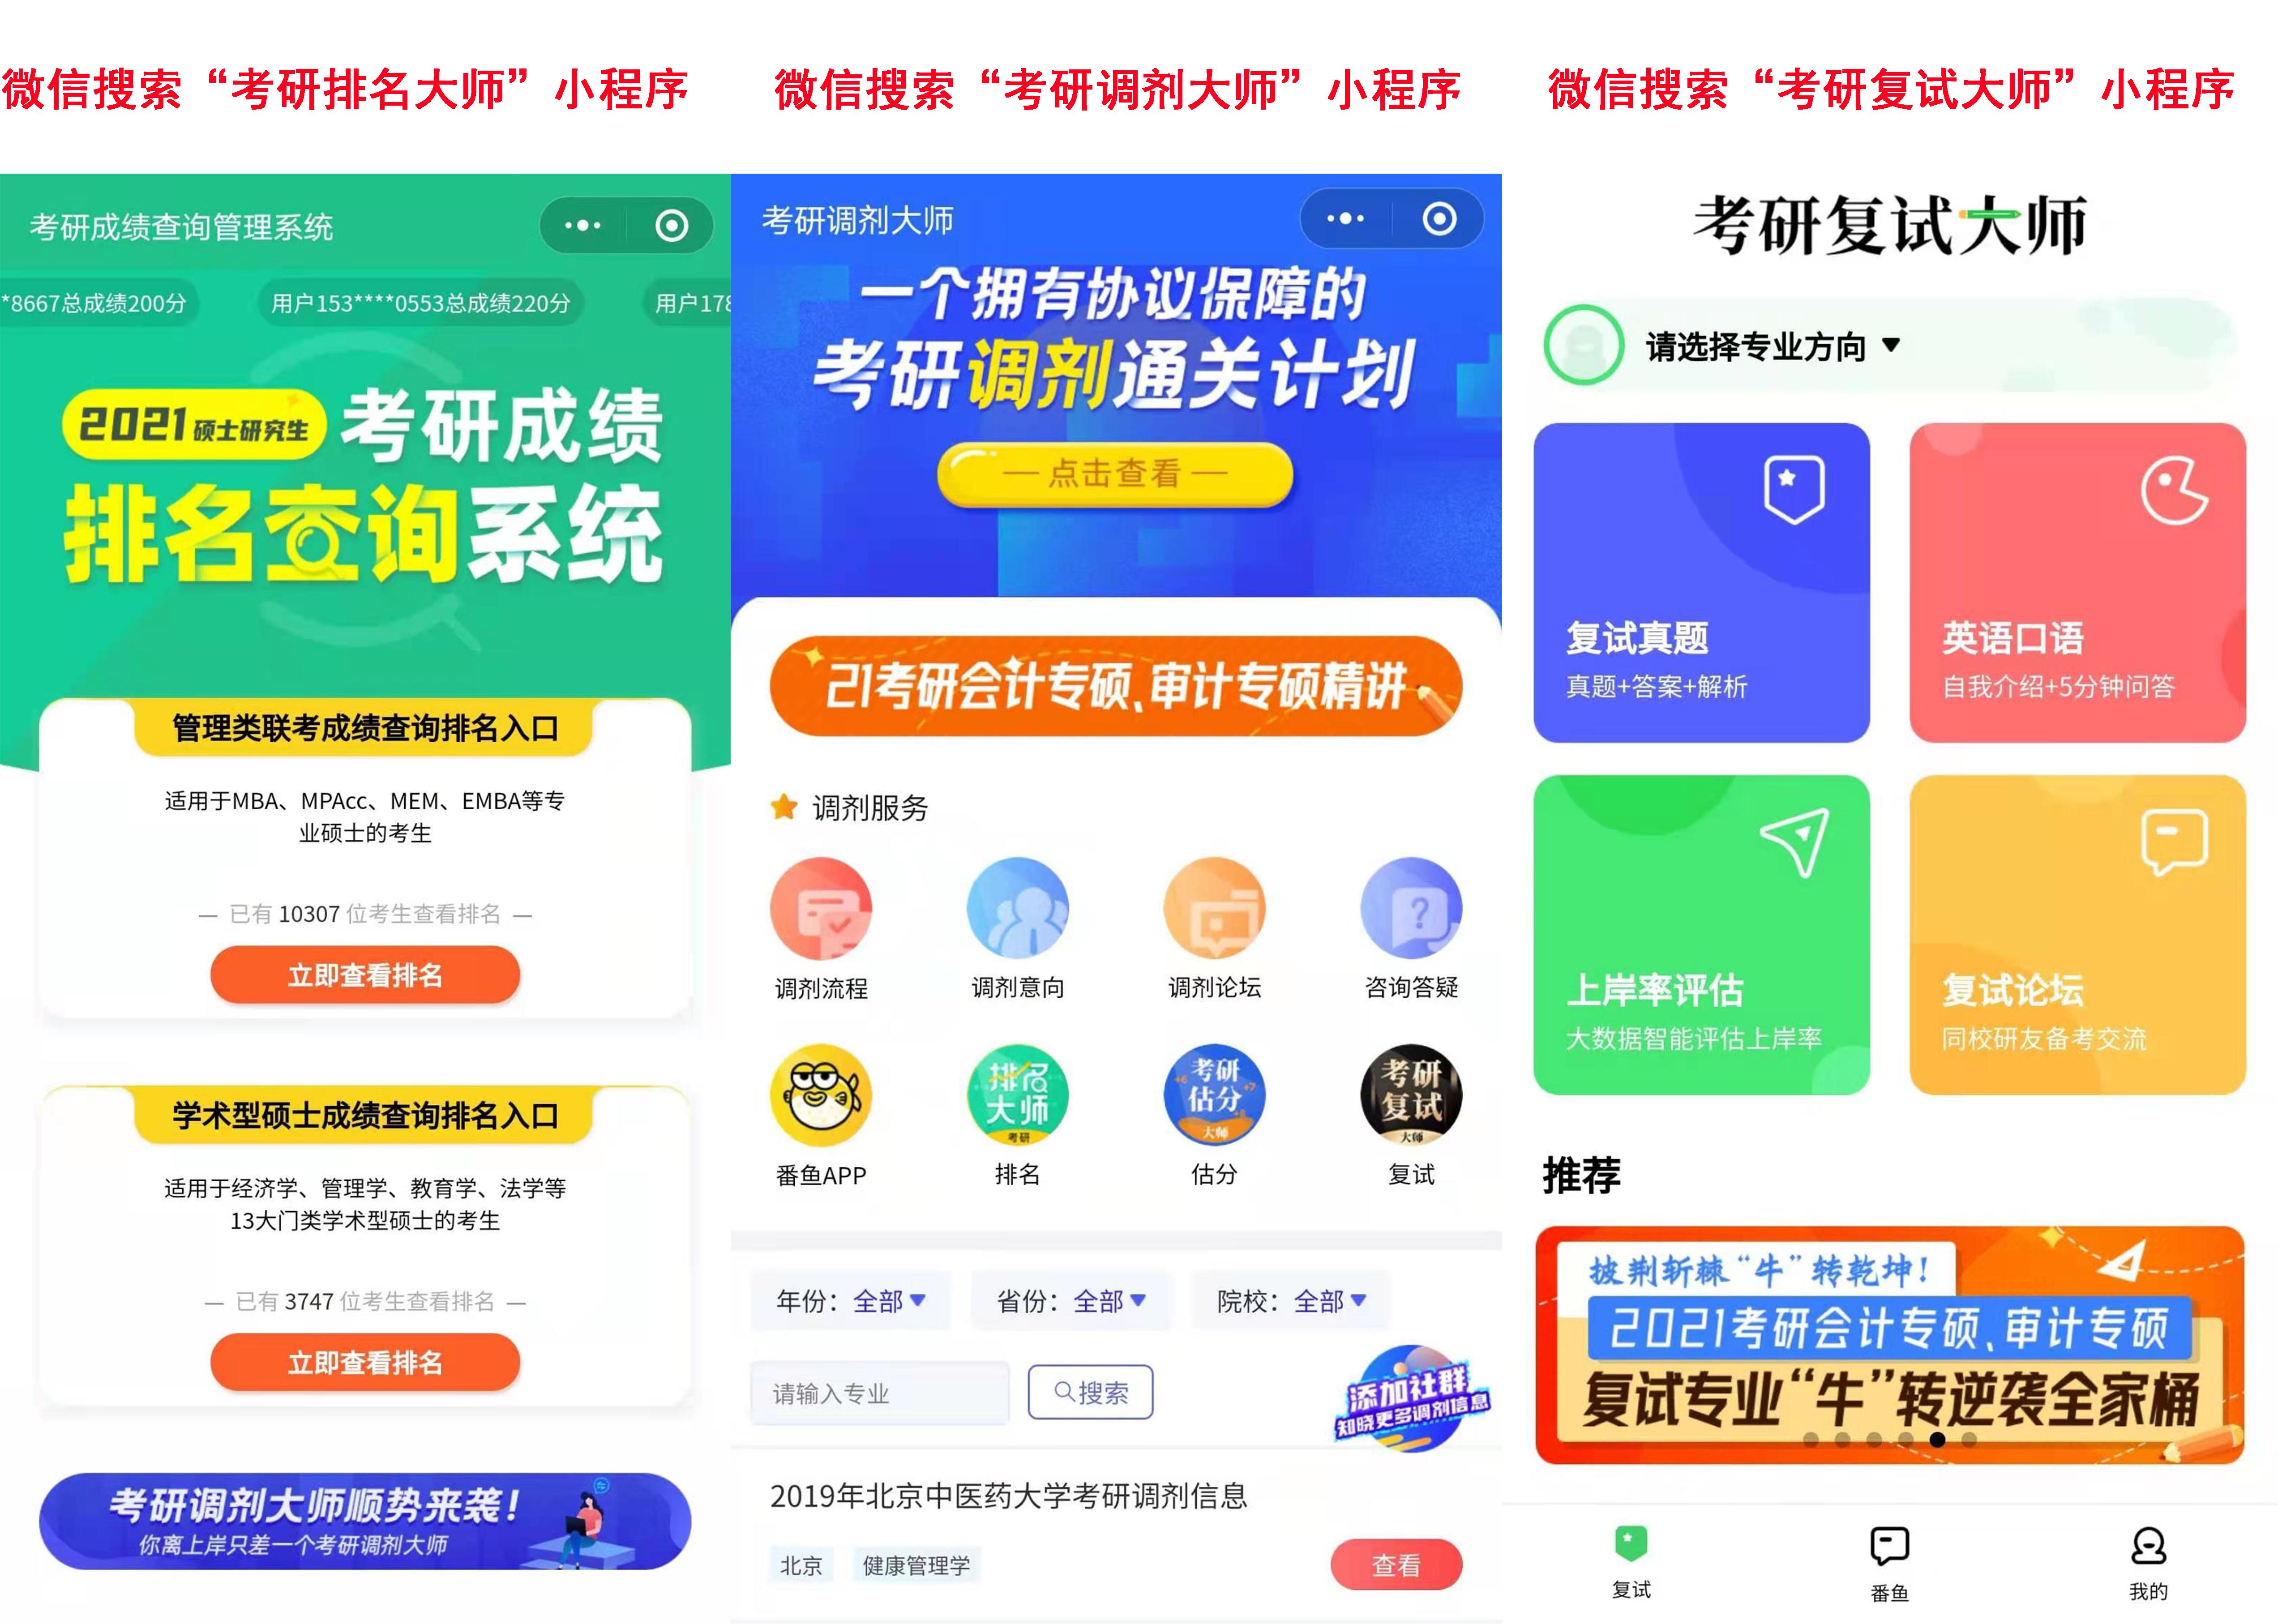 2021年北京大学复试分数线什么时候公布?北京大学历年分数线!